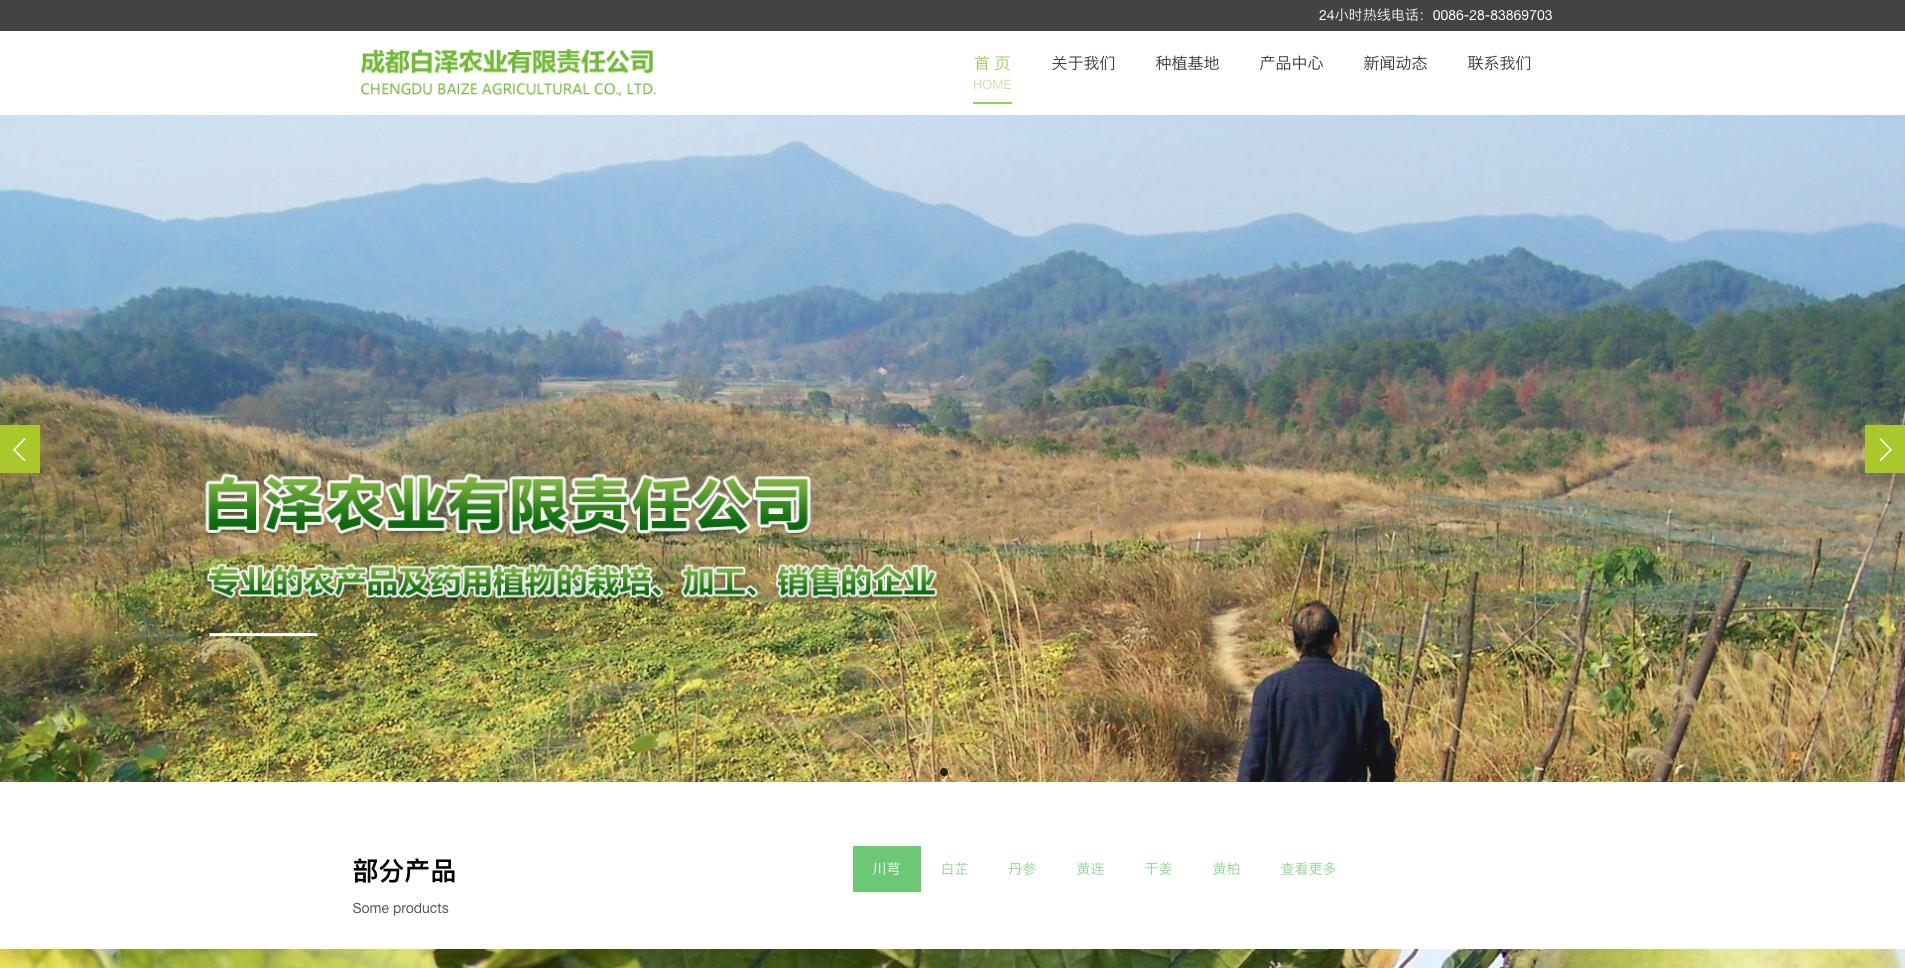 白泽农业网站首屏截图